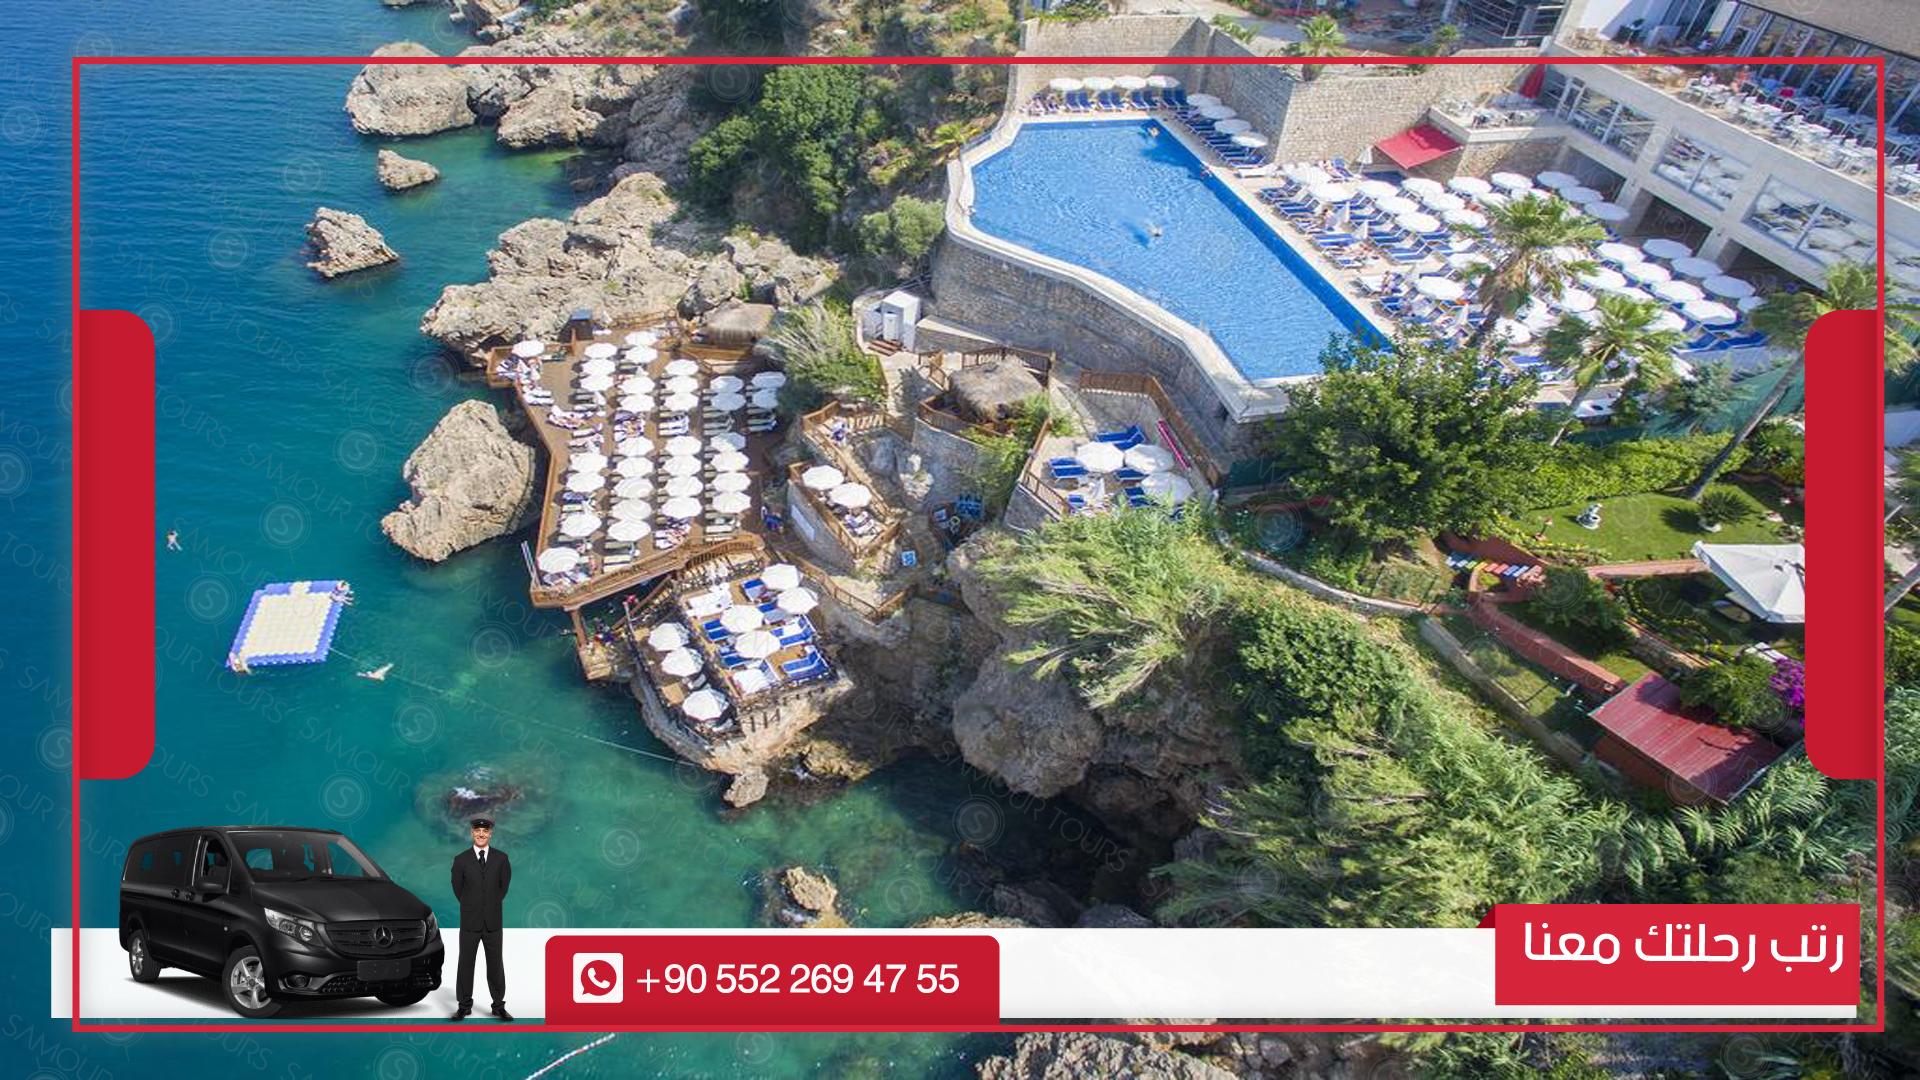 أفضل فنادق ومنتجعات أنطاليا